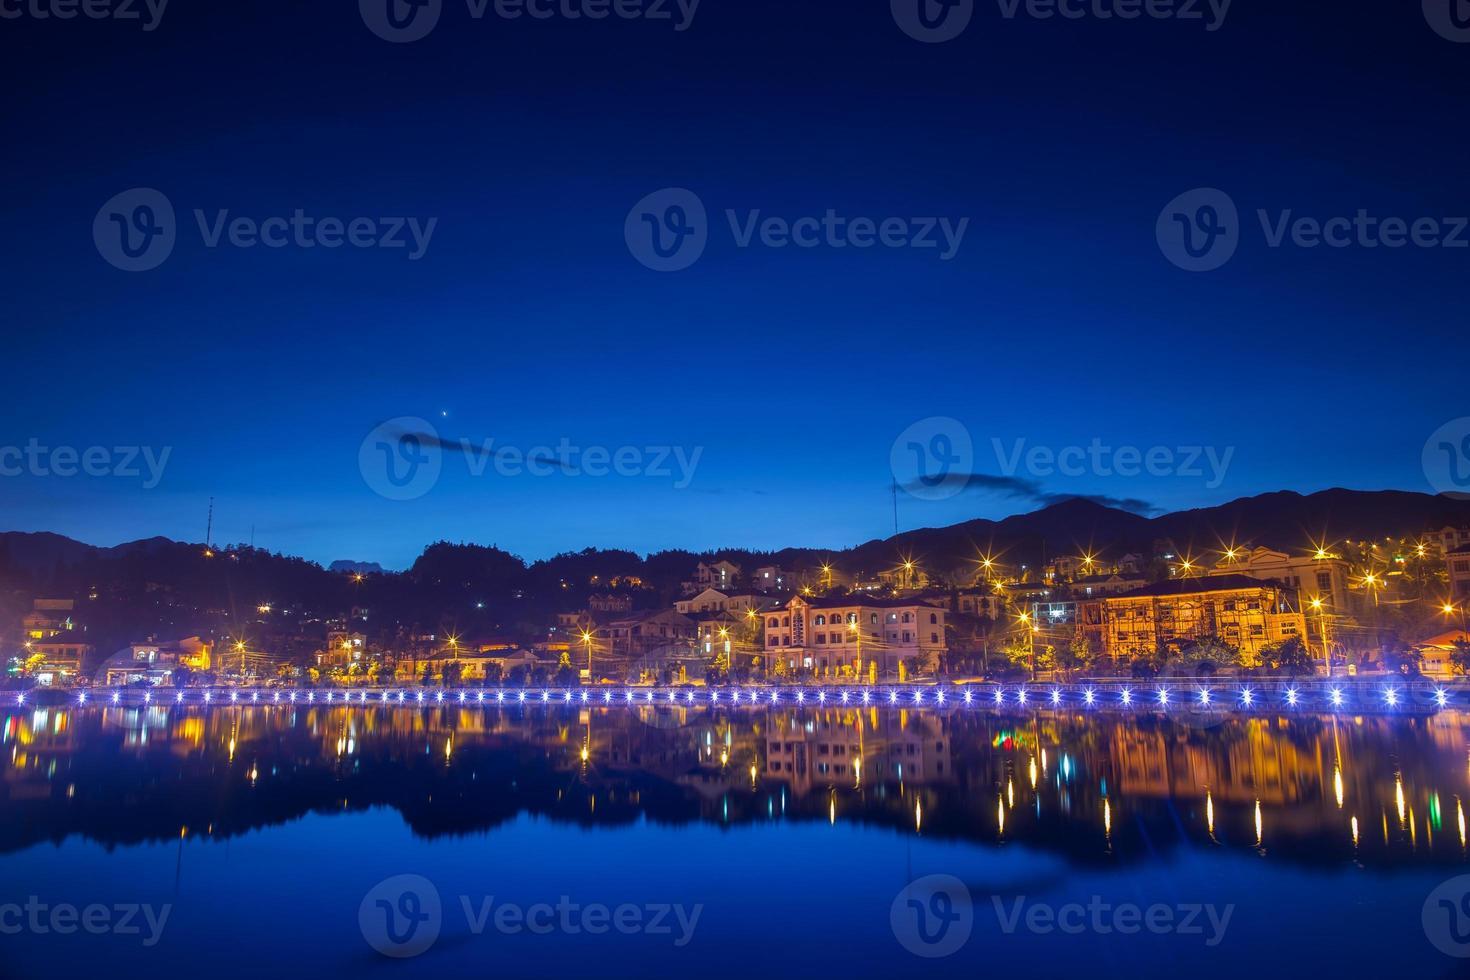 reflejo de edificios y luces en el agua. foto